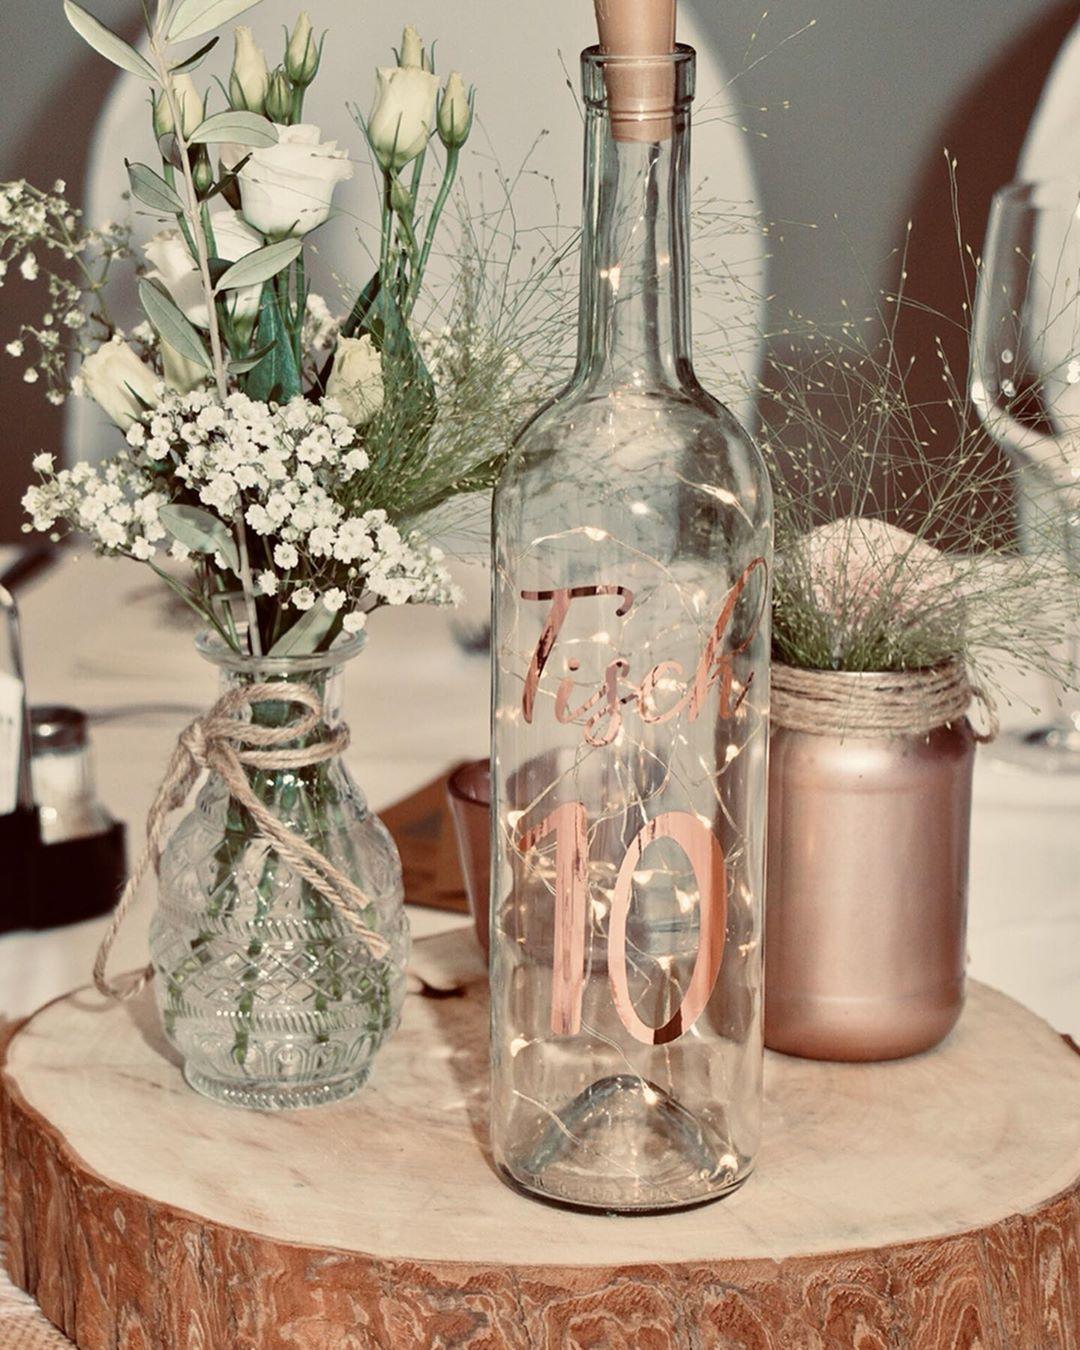 Ideas de boda: fotos de boda, decoraciones de boda, pastel de bodas, etc. – CONN3CTOR